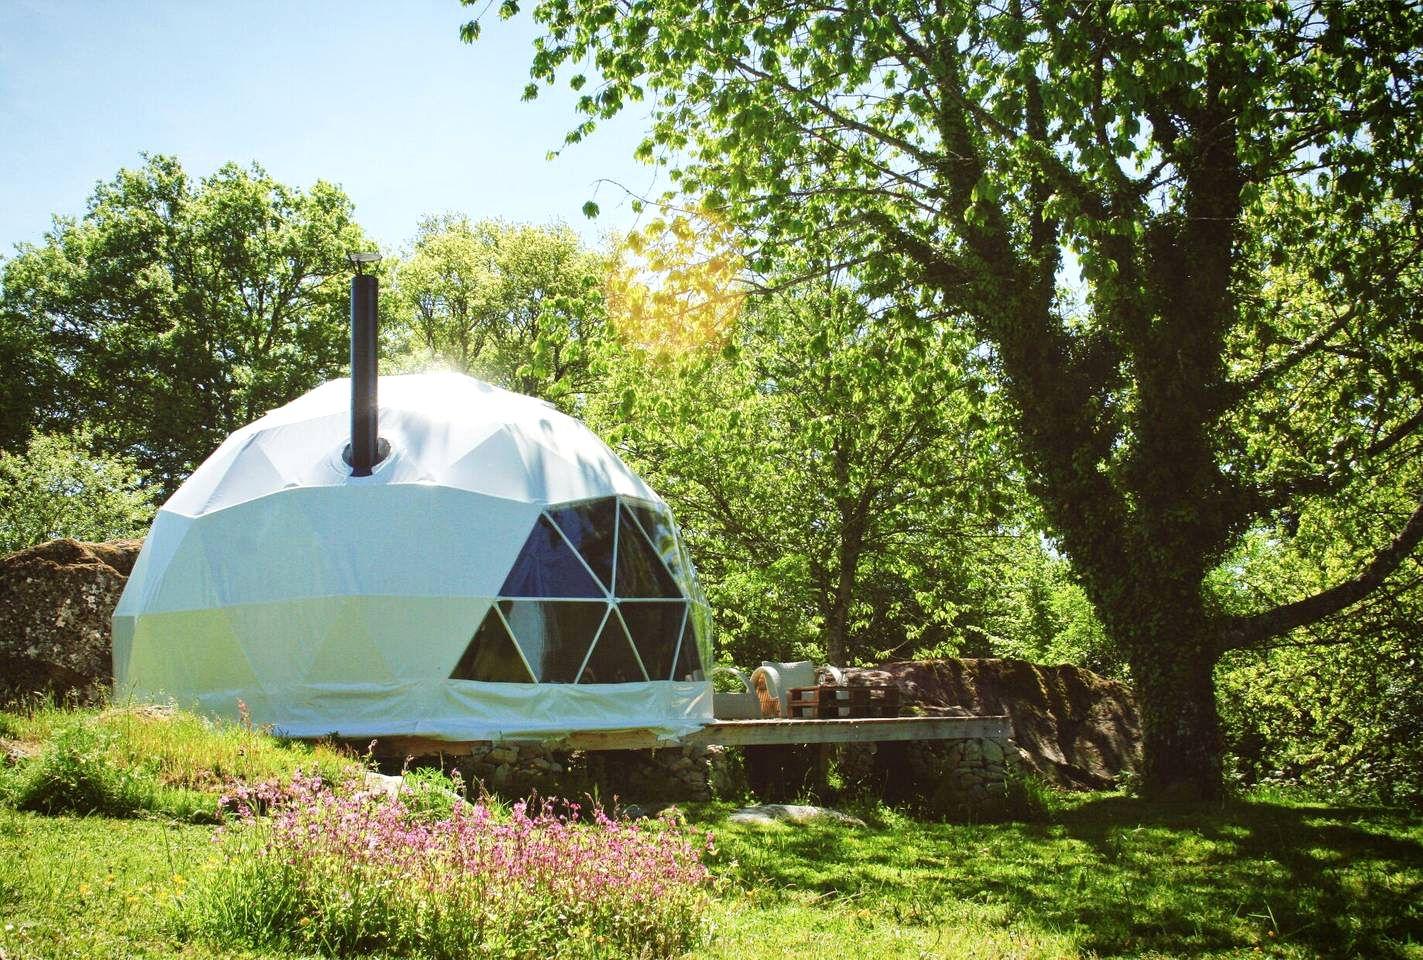 Bubbles & Domes (Limoges, Nouvelle-Aquitaine, France)